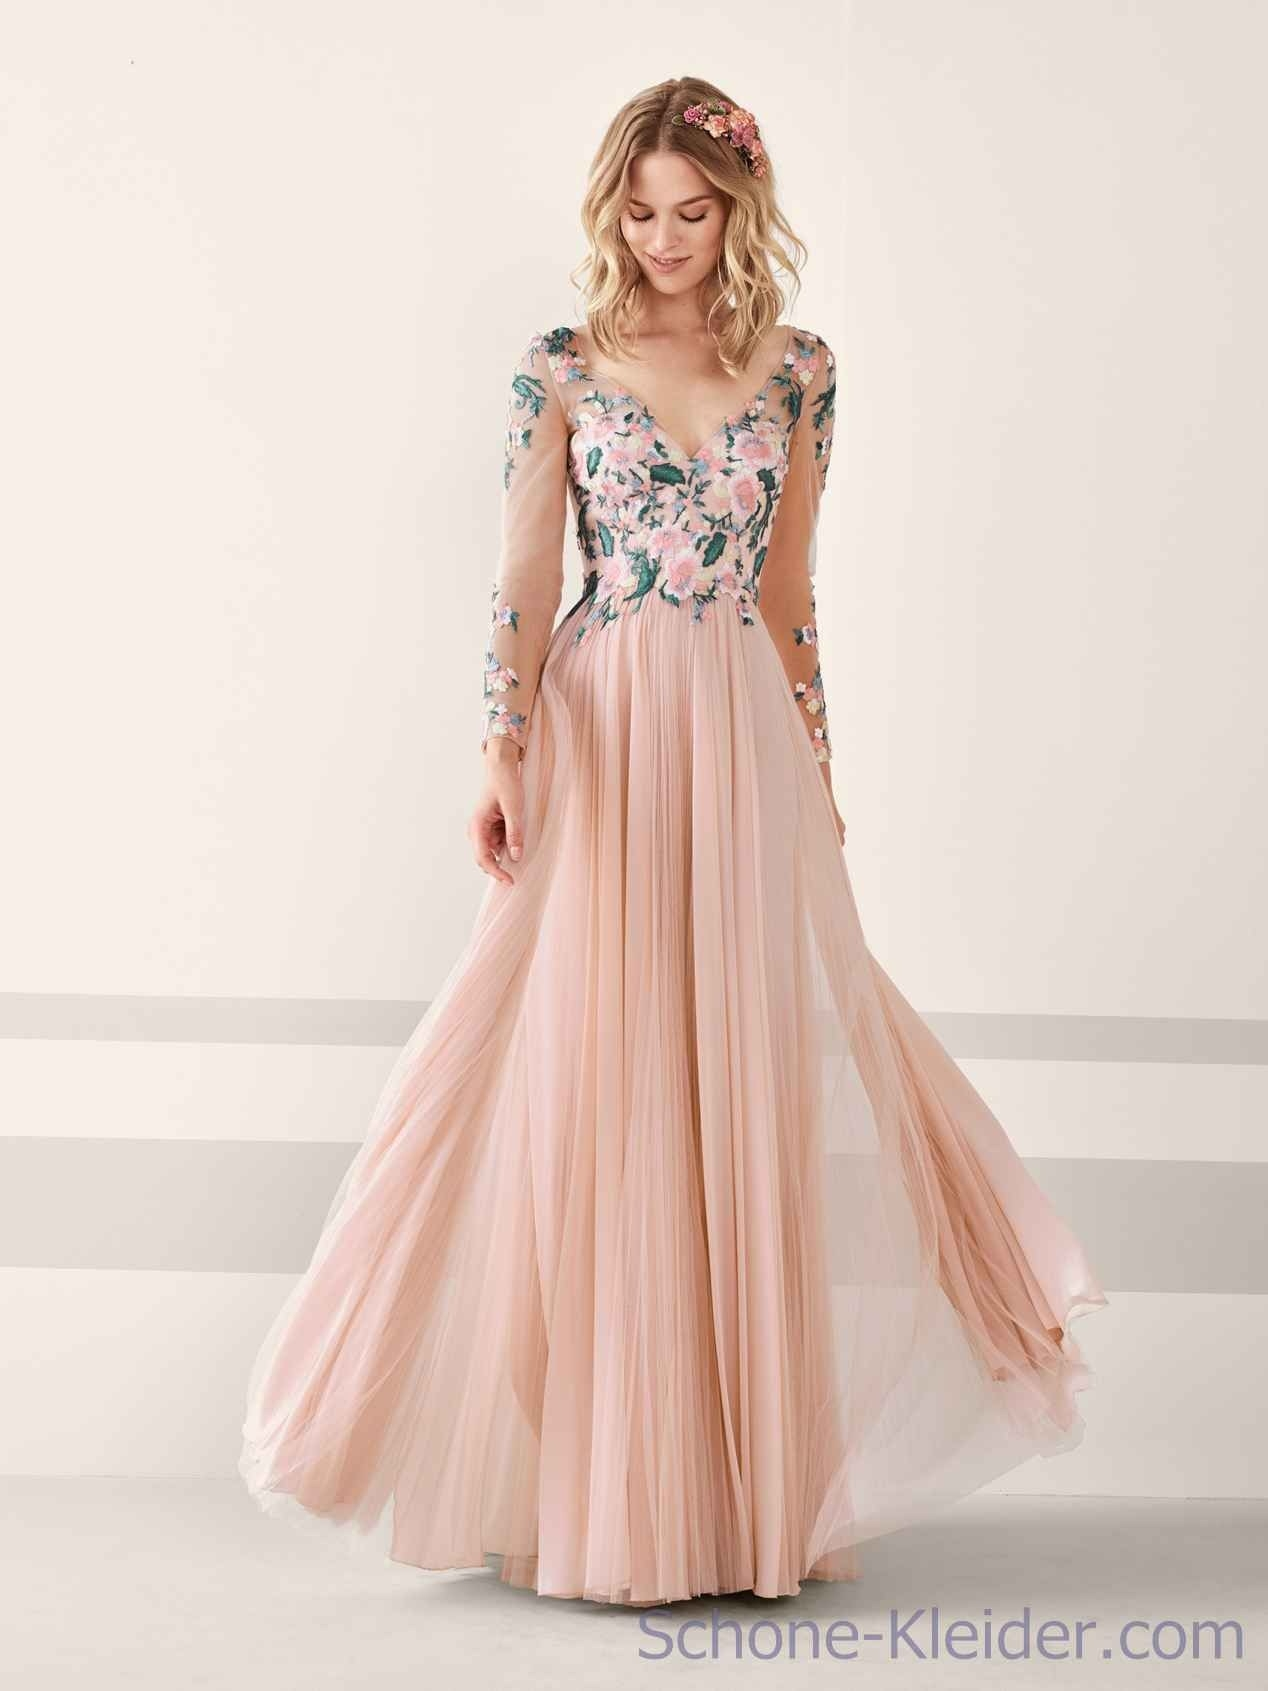 Designer Elegant Abendkleider Lang Junge Mode StylishFormal Perfekt Abendkleider Lang Junge Mode Galerie